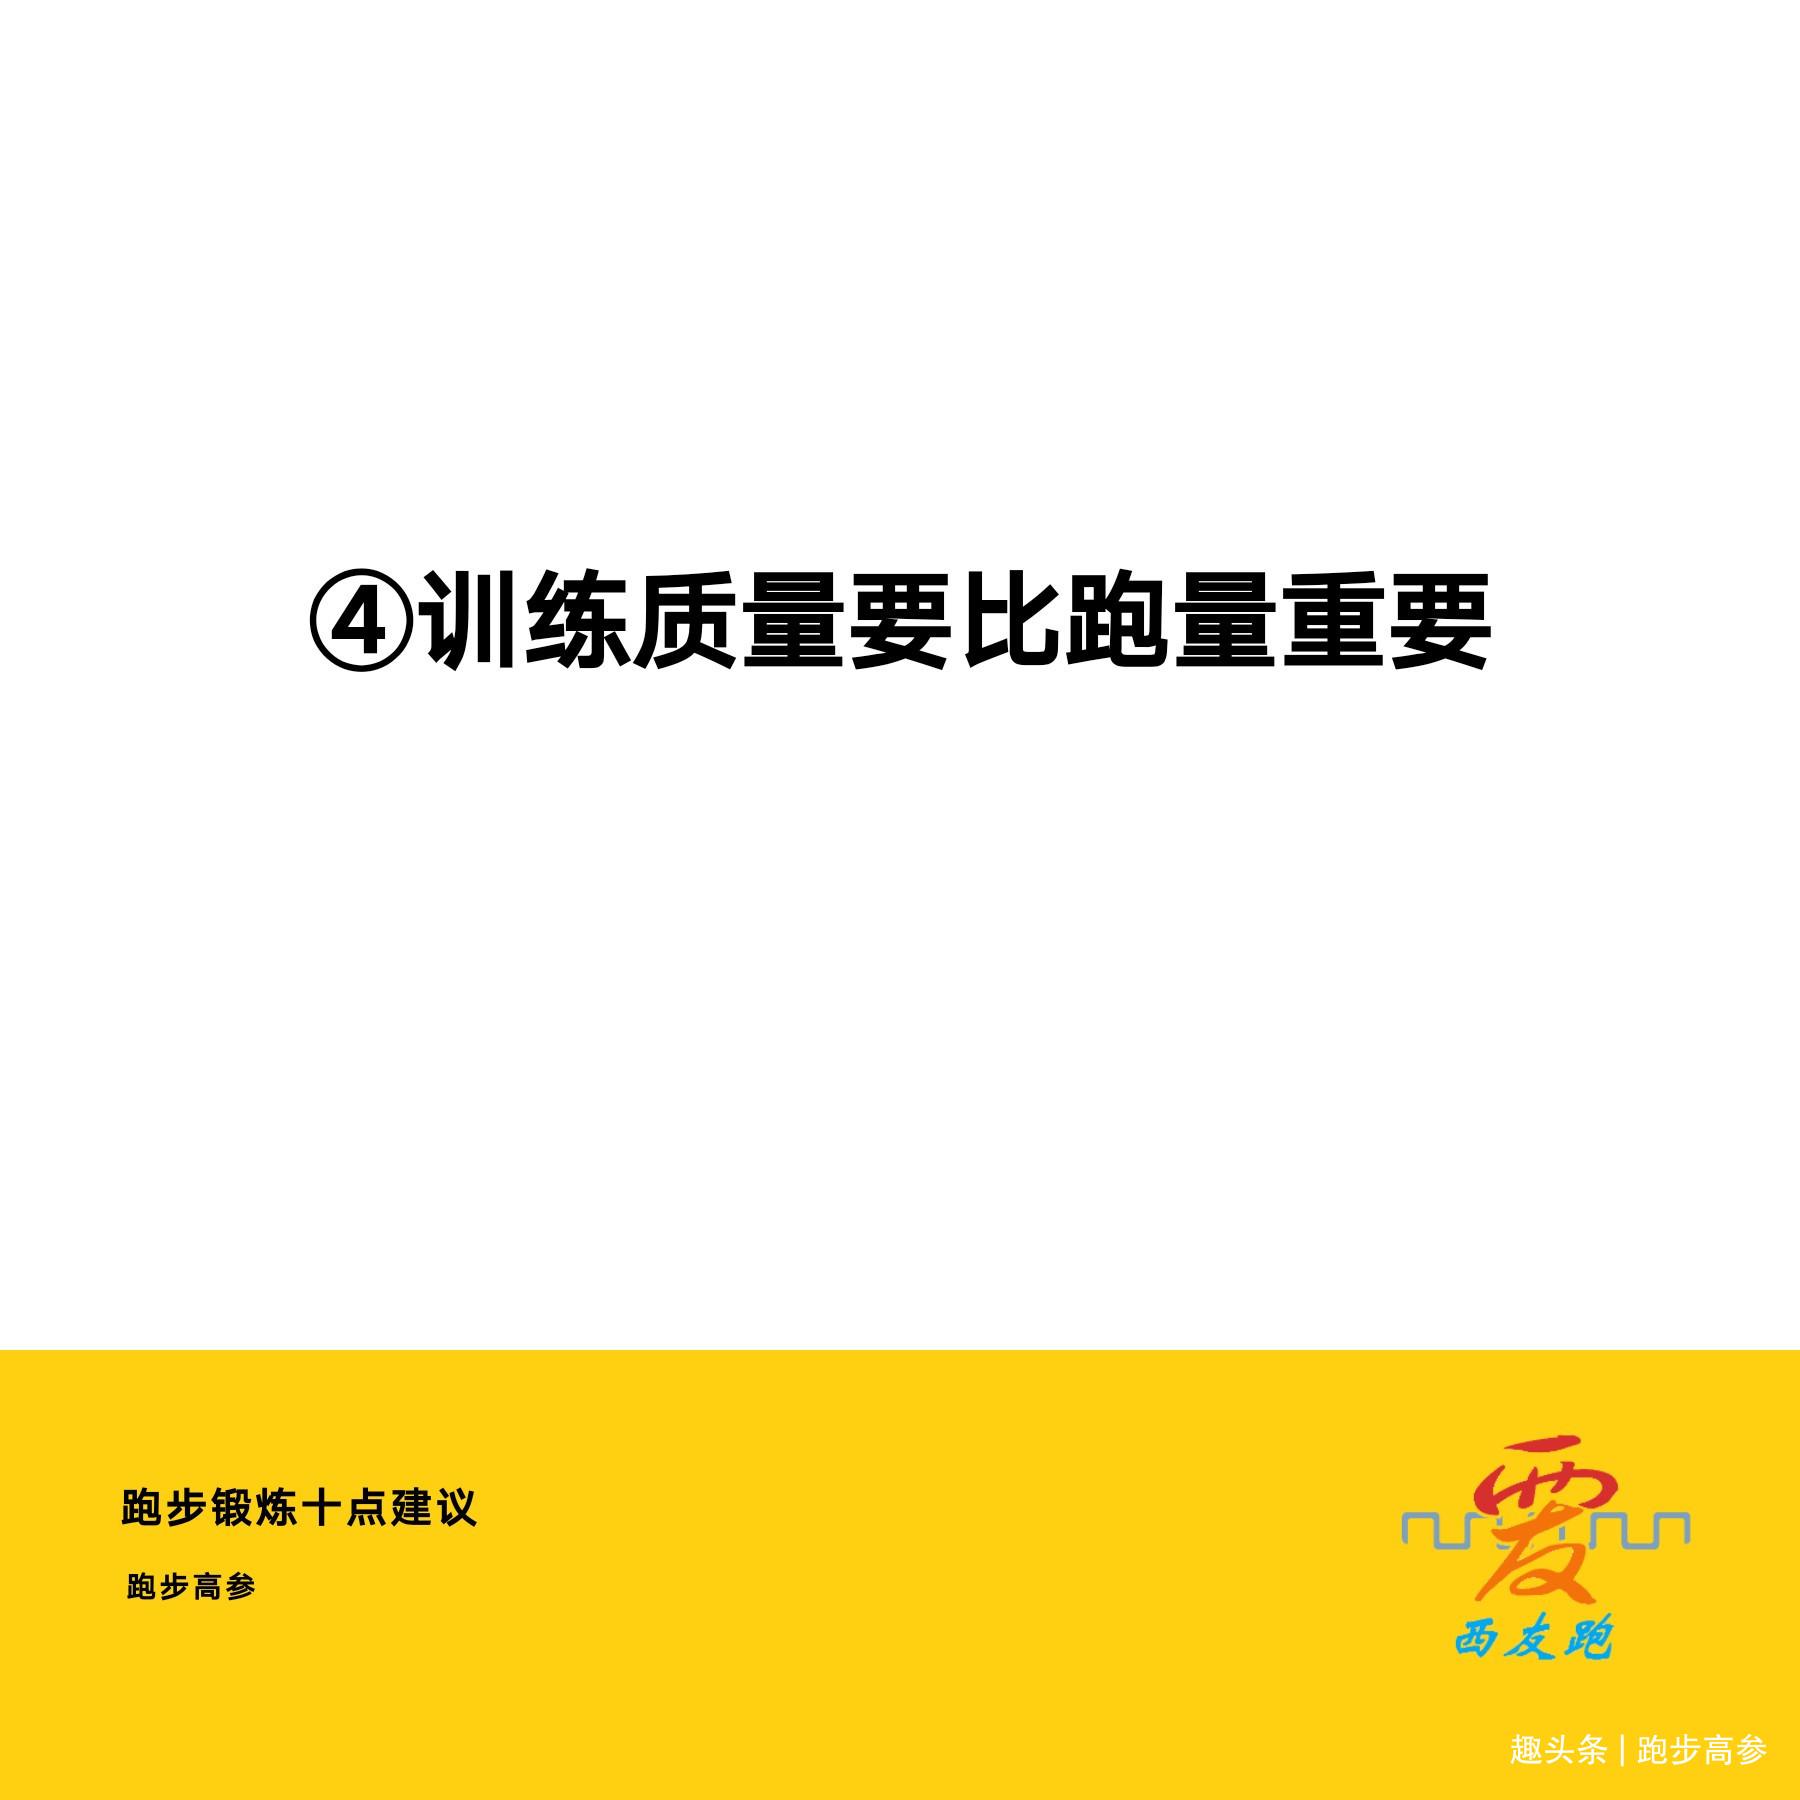 微信图片_20210201004803.jpg